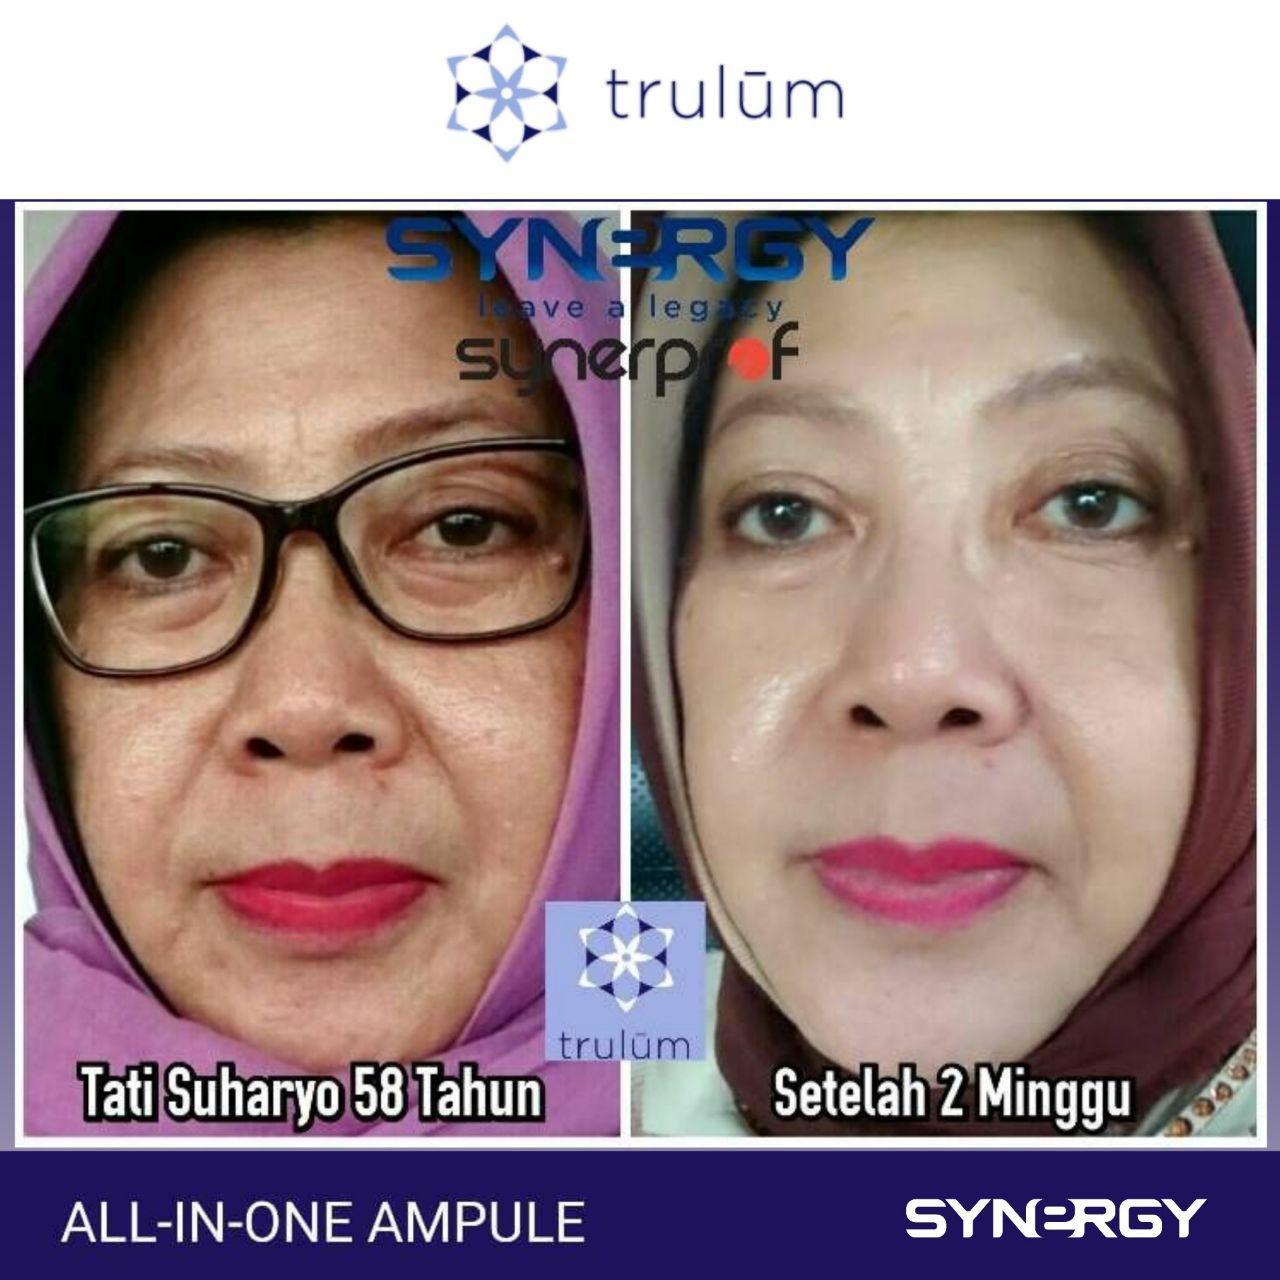 Klinik Kecantikan Trulum Korea Di Cigondewah Rahayu, Kota Bandung WA: 08112338376